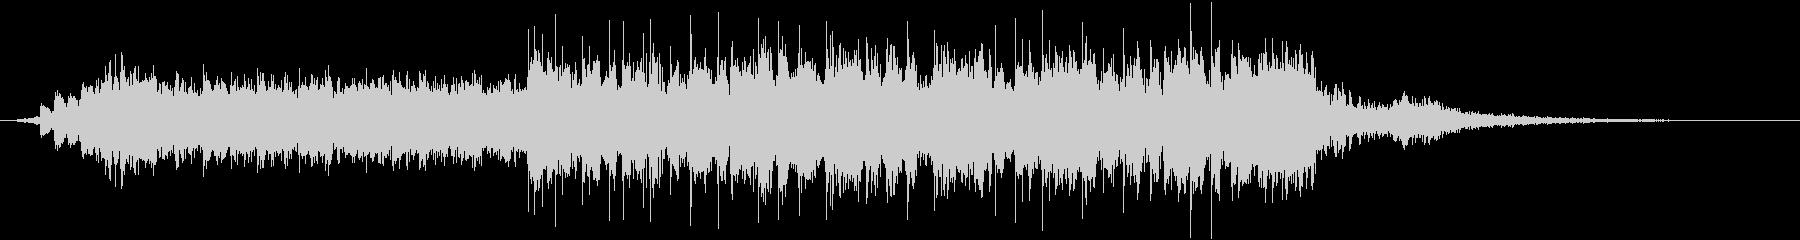 30秒で完結するクールでオシャレなBGMの未再生の波形